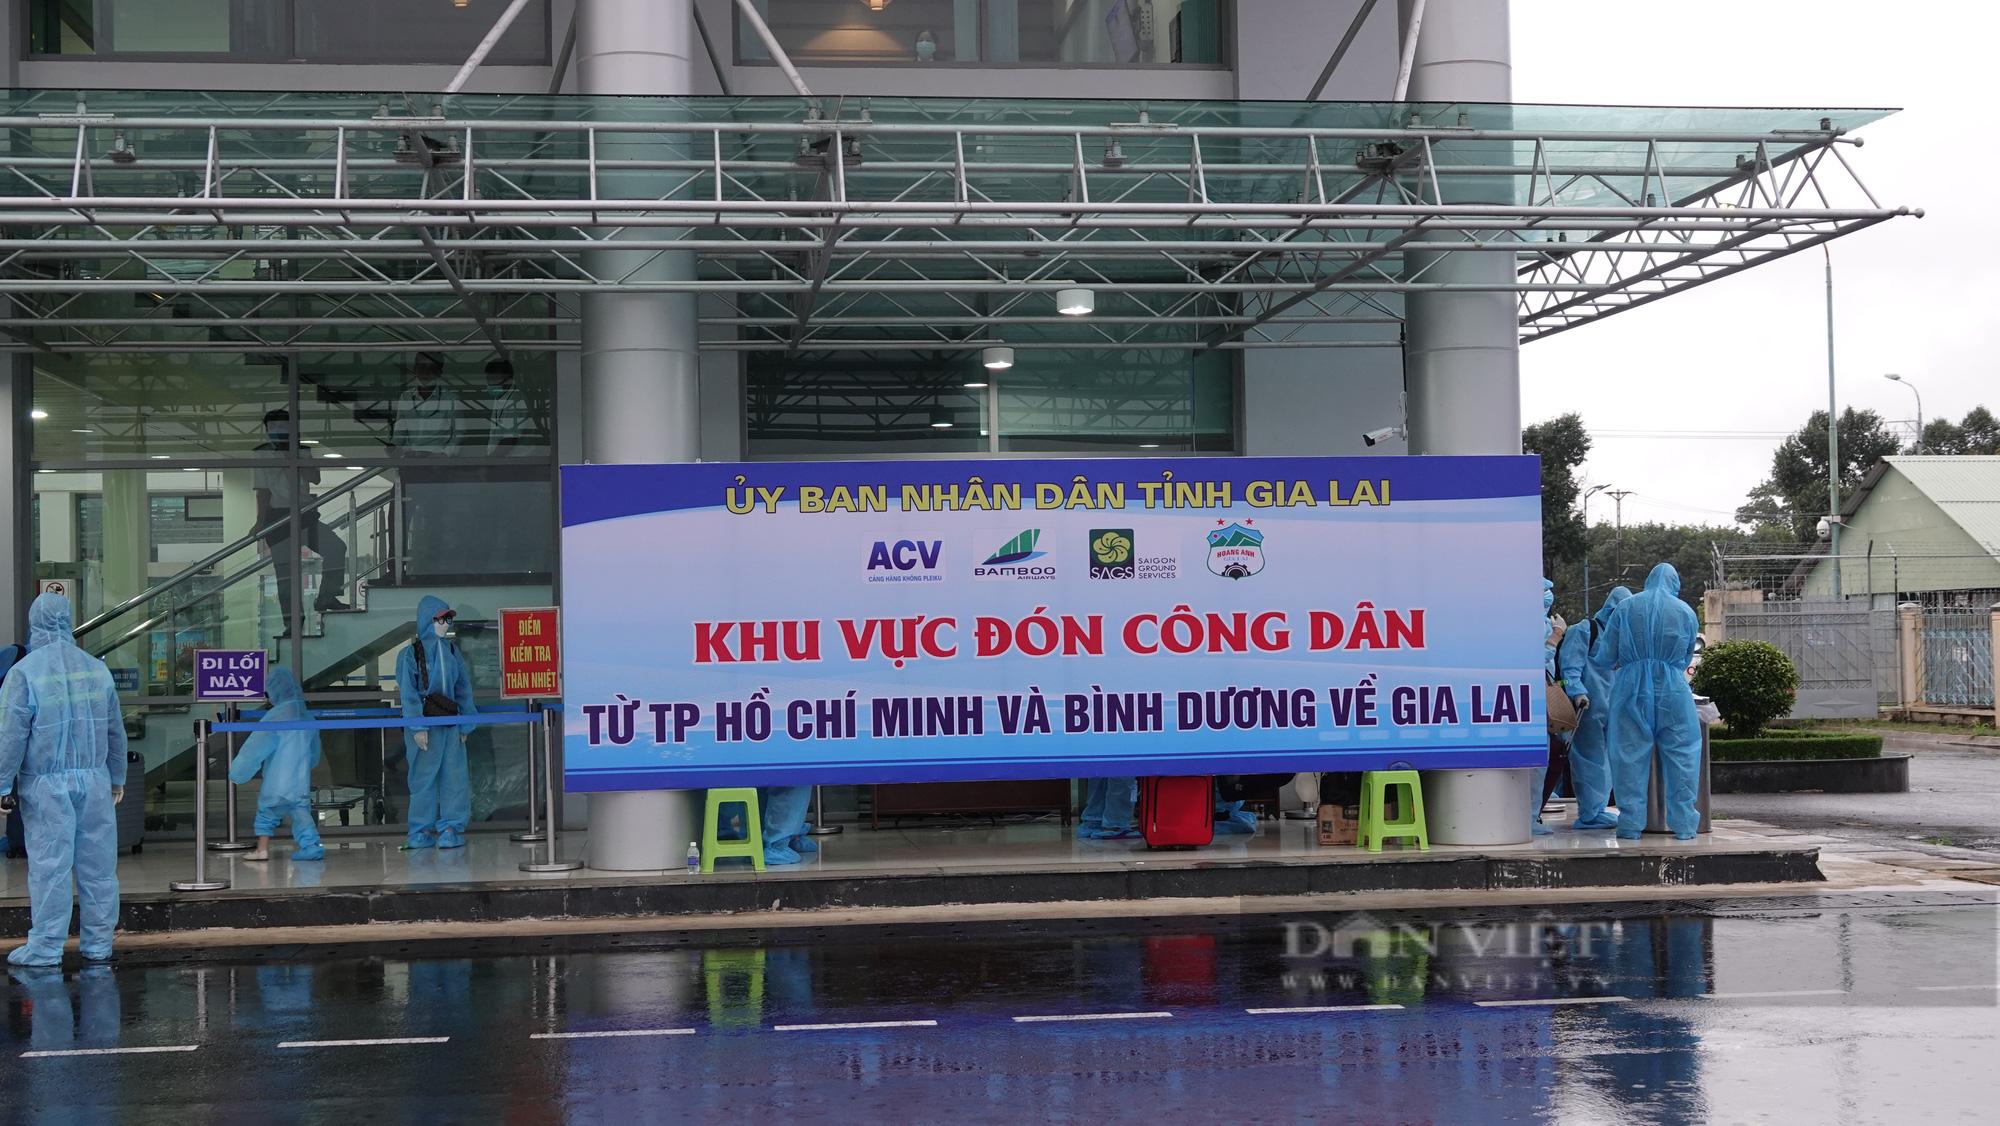 Chuyến bay đầu tiên chở gần 200 công dân từ TP.HCM về Gia Lai - Ảnh 5.